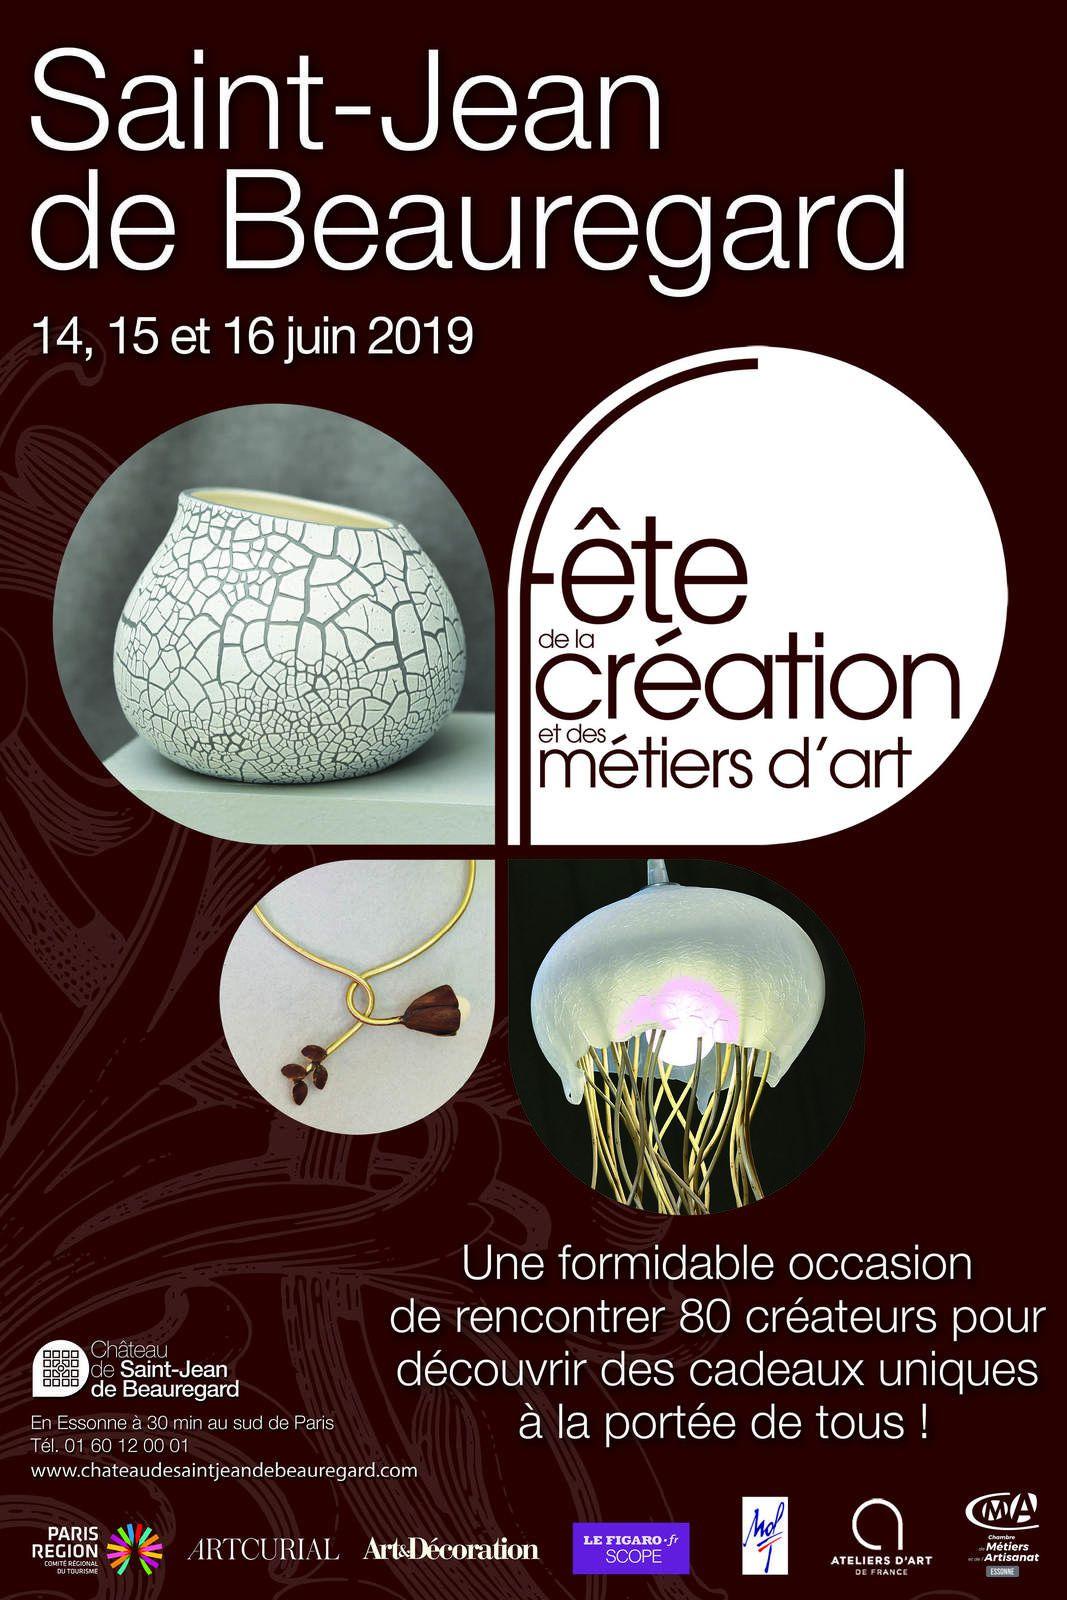 Fête de la Création et des Métiers d'Art à Saint Jean de Beauregard les 14, 15 et 16 juin 2019